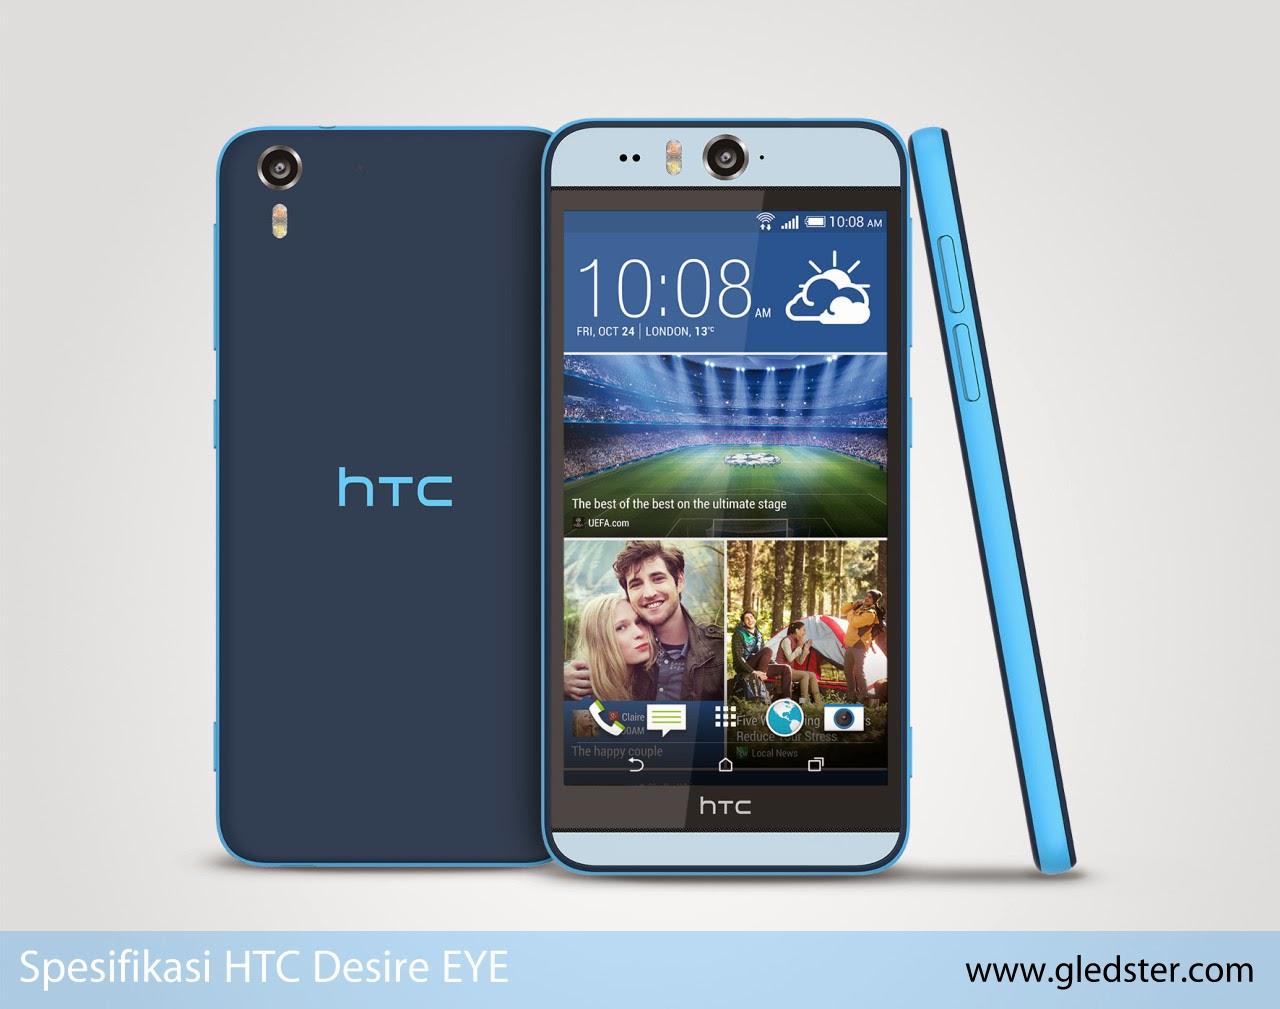 Spesifikasi HTC Desire EYE